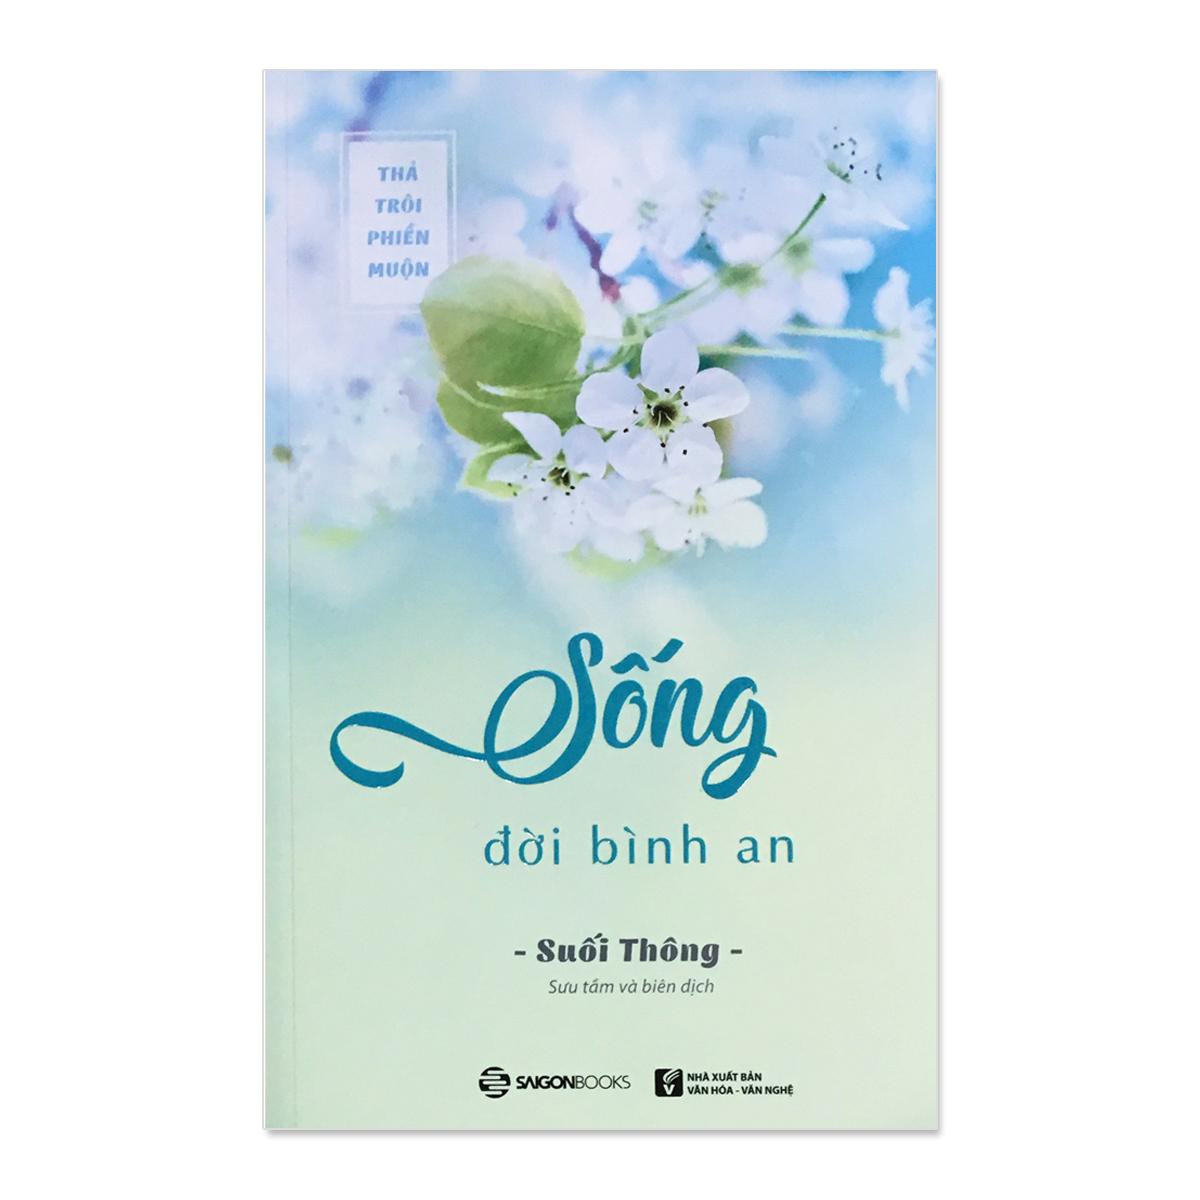 Combo sách Sống đời bình an - Thả trôi phiền muộn - An nhiên như nắng